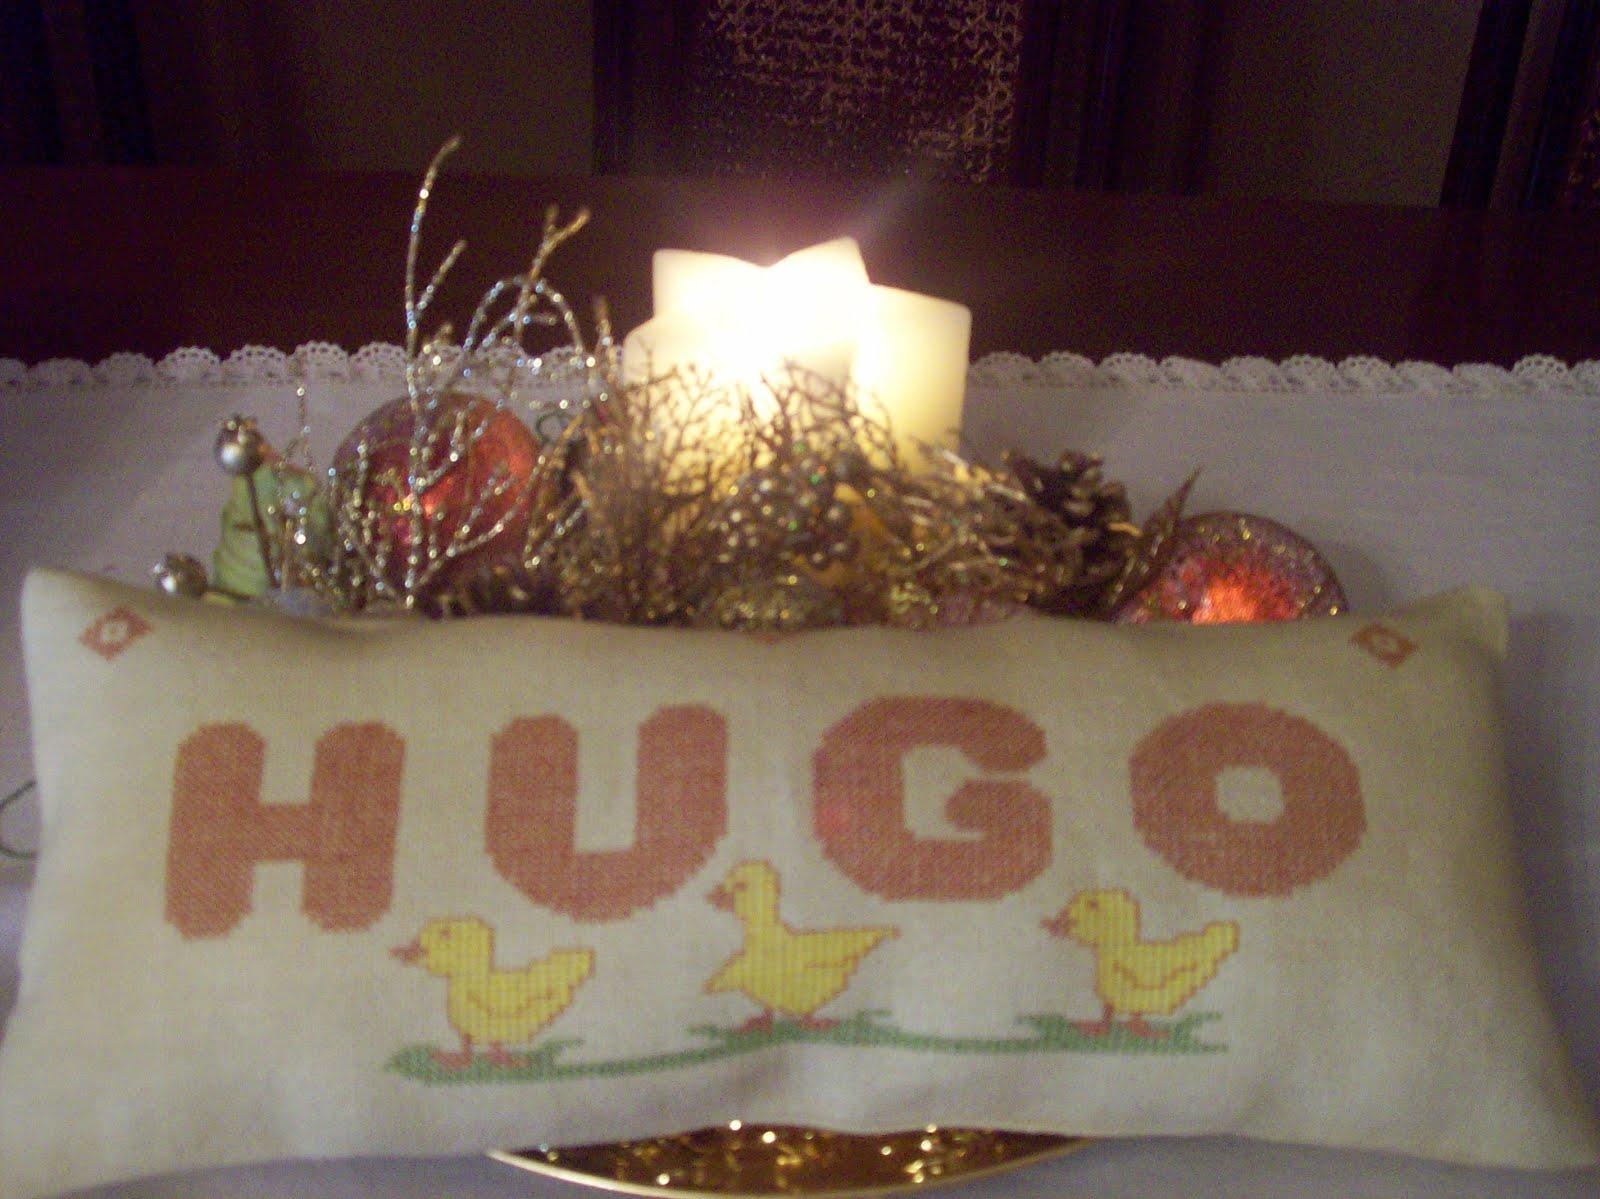 DE HUGO